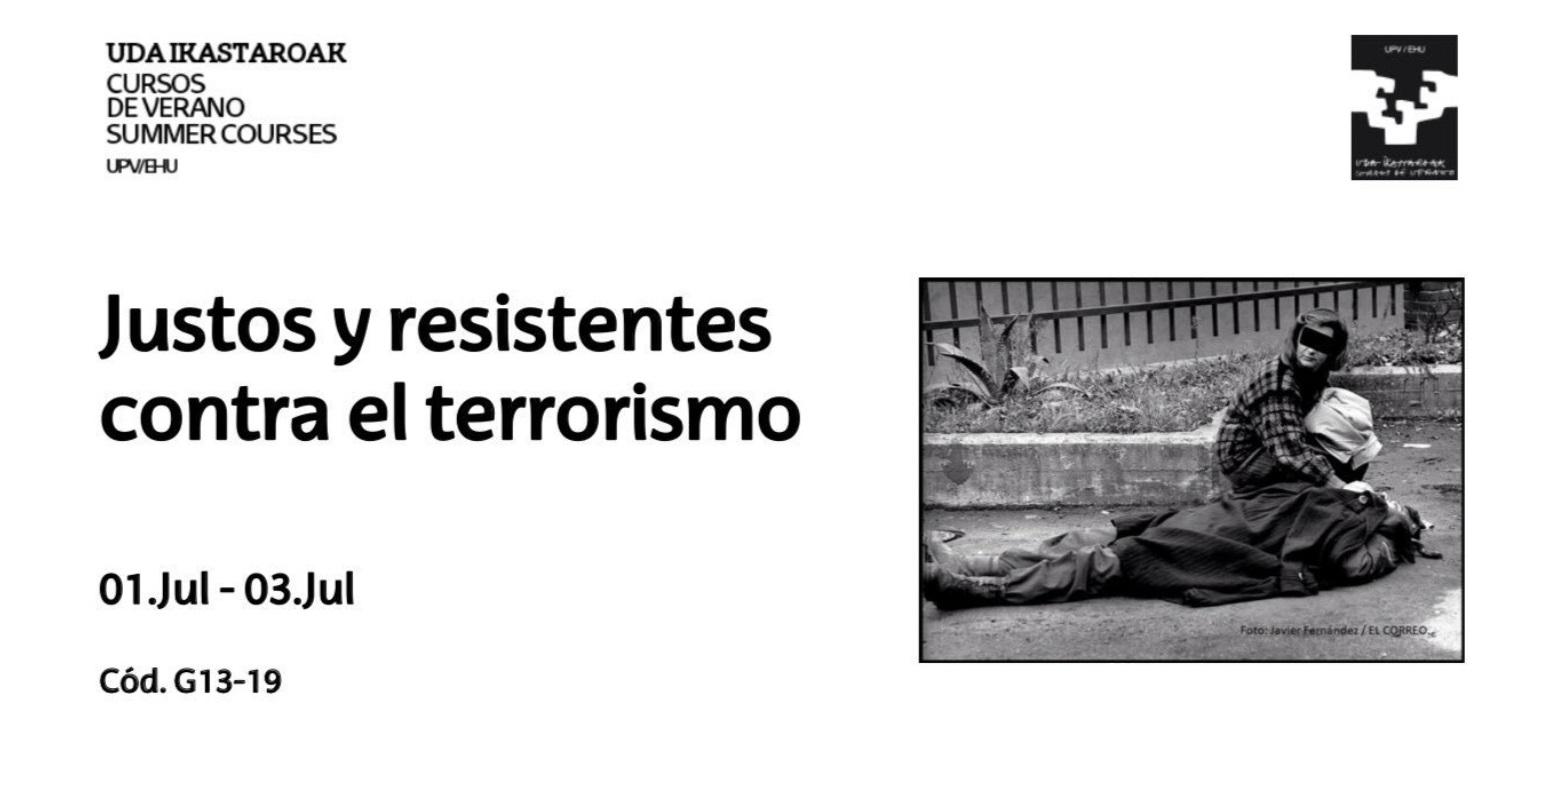 Justos Y Resistentes Contra El Terrorismo. Curso De Verano UPV-EHU